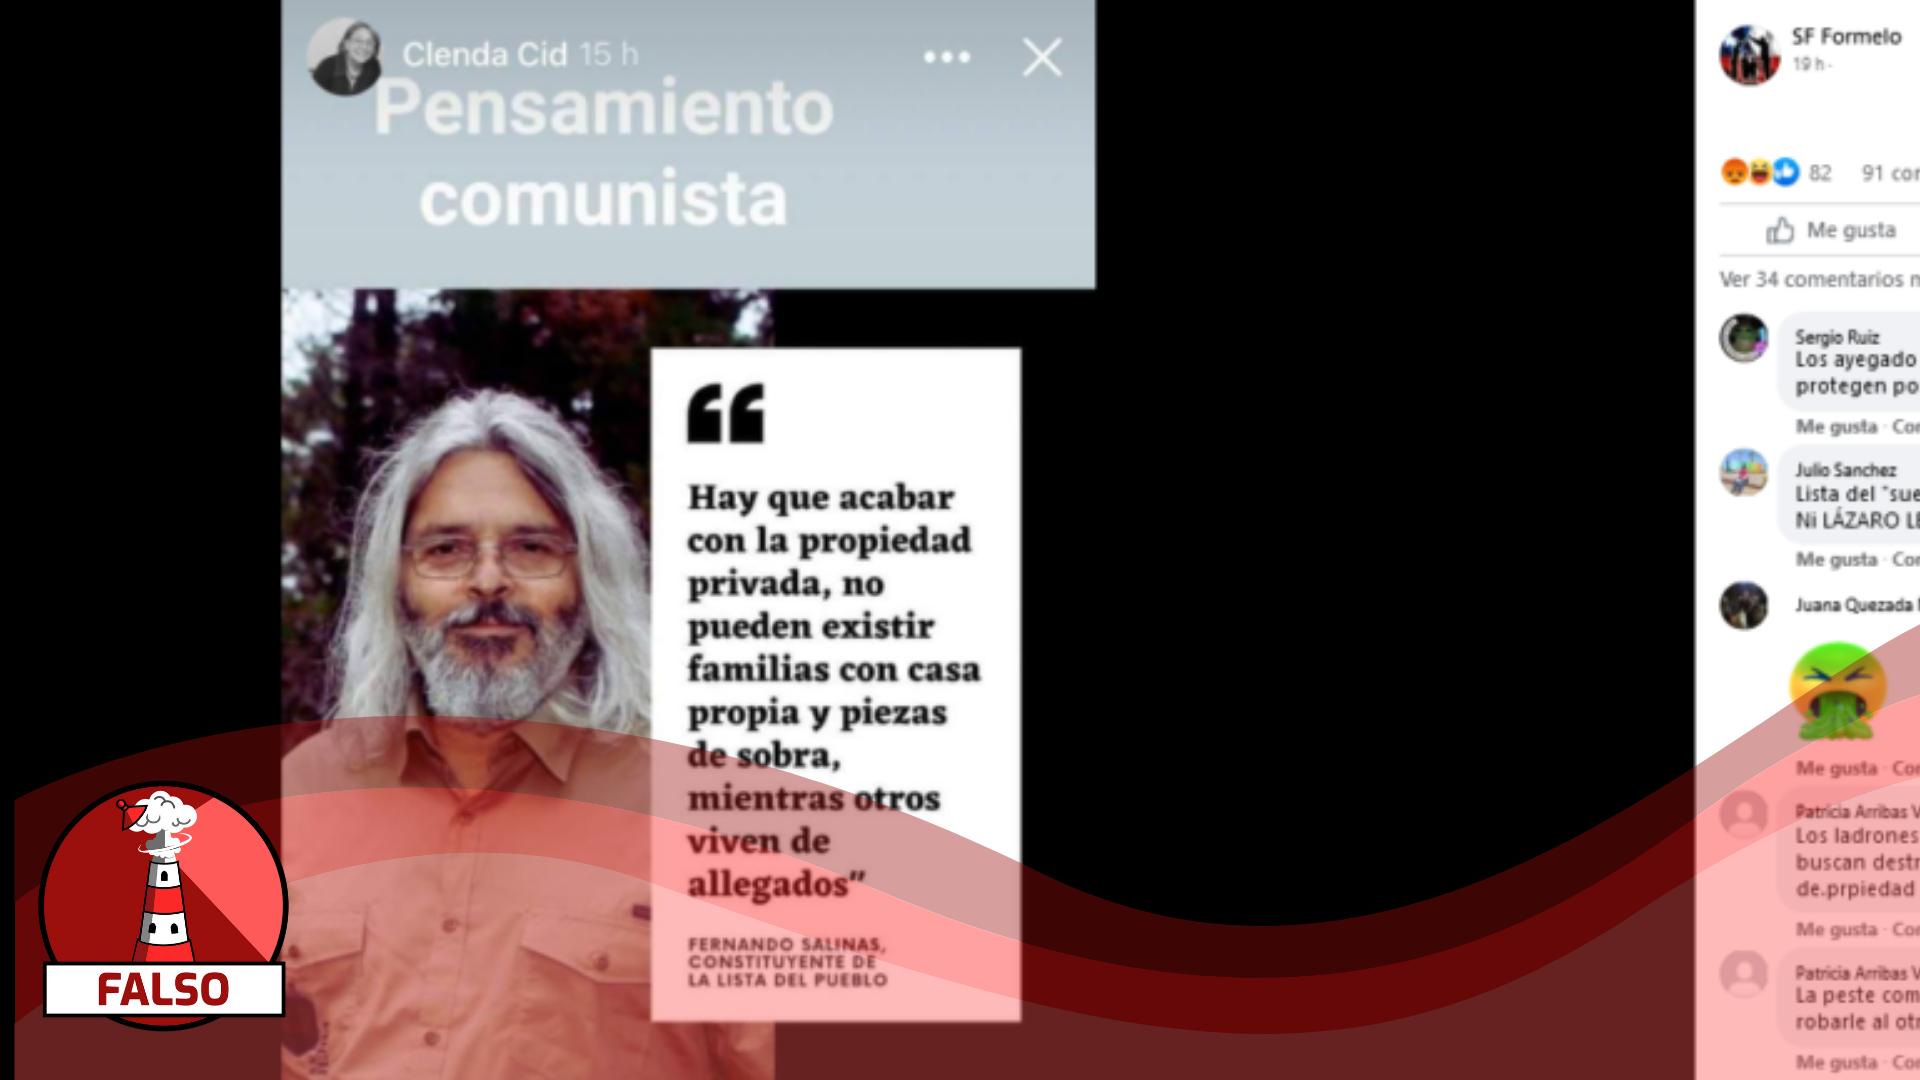 """Read more about the article Fernando Salinas: """"Hay que acabar con la propiedad privada, no pueden existir familias con casa propia y piezas de sobra, mientras otros viven de allegados"""": #Falso"""